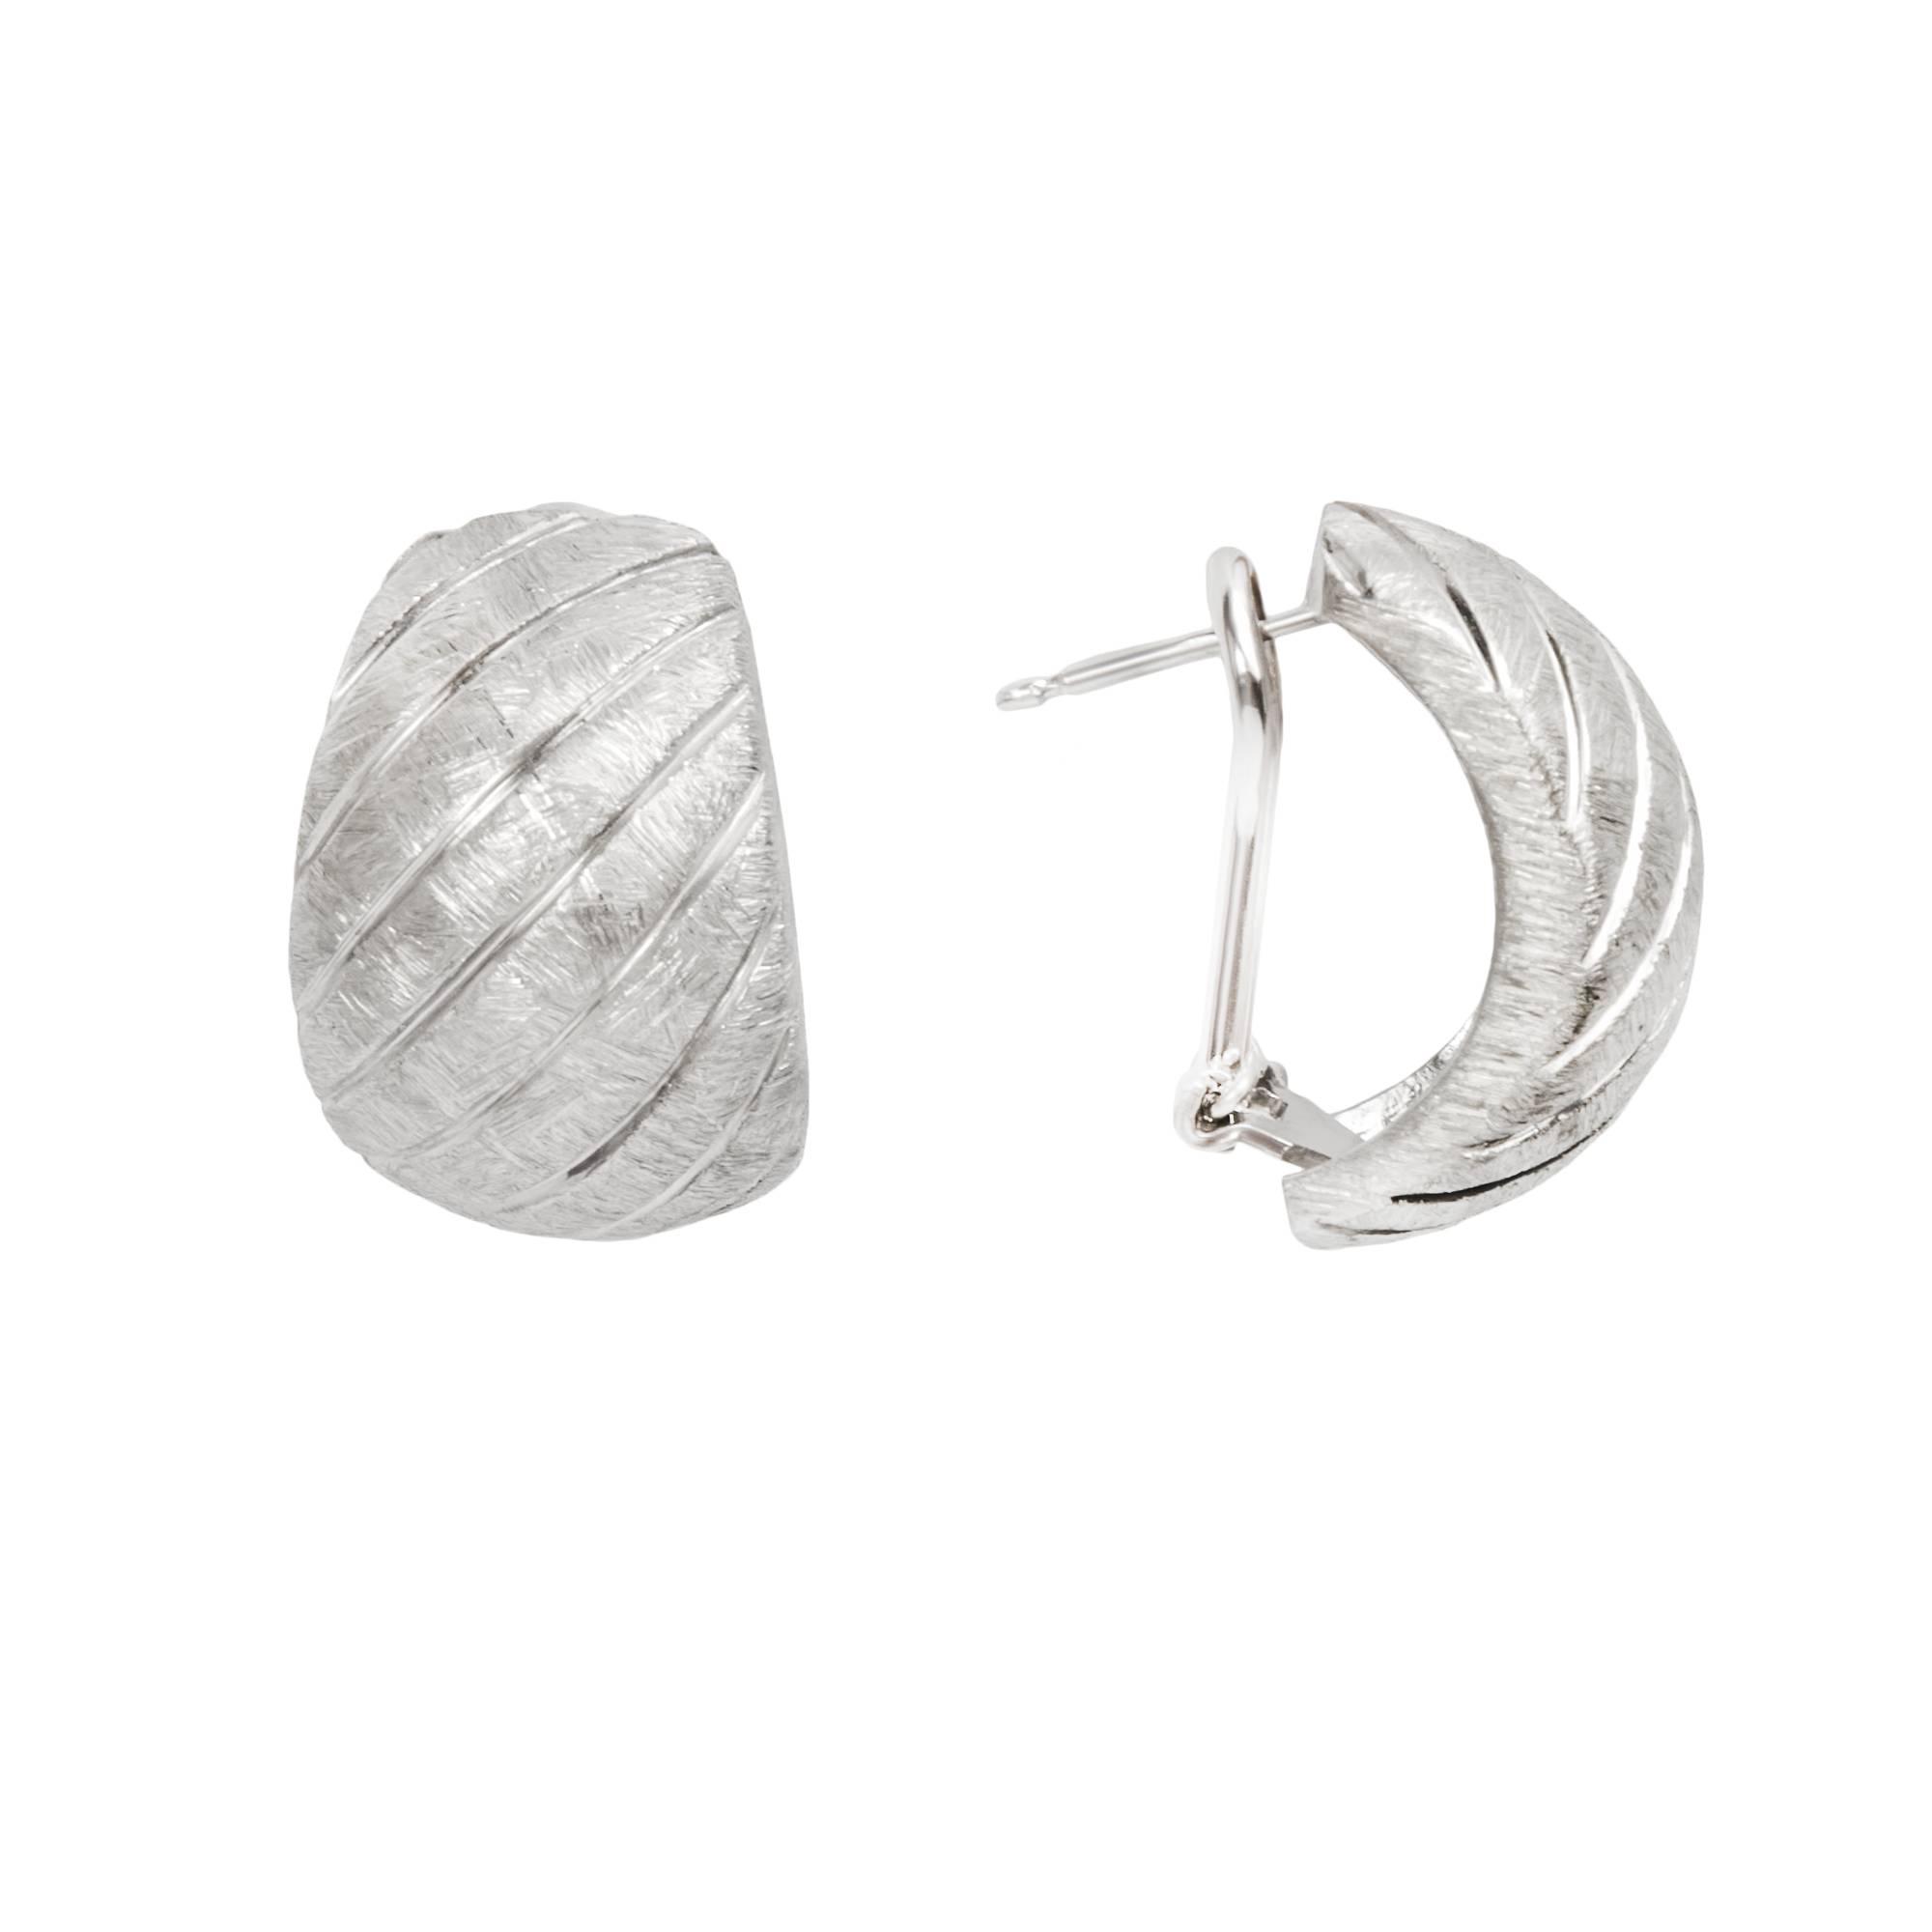 Серьги Stria из серебра 925 с покрытием белым родием, фото